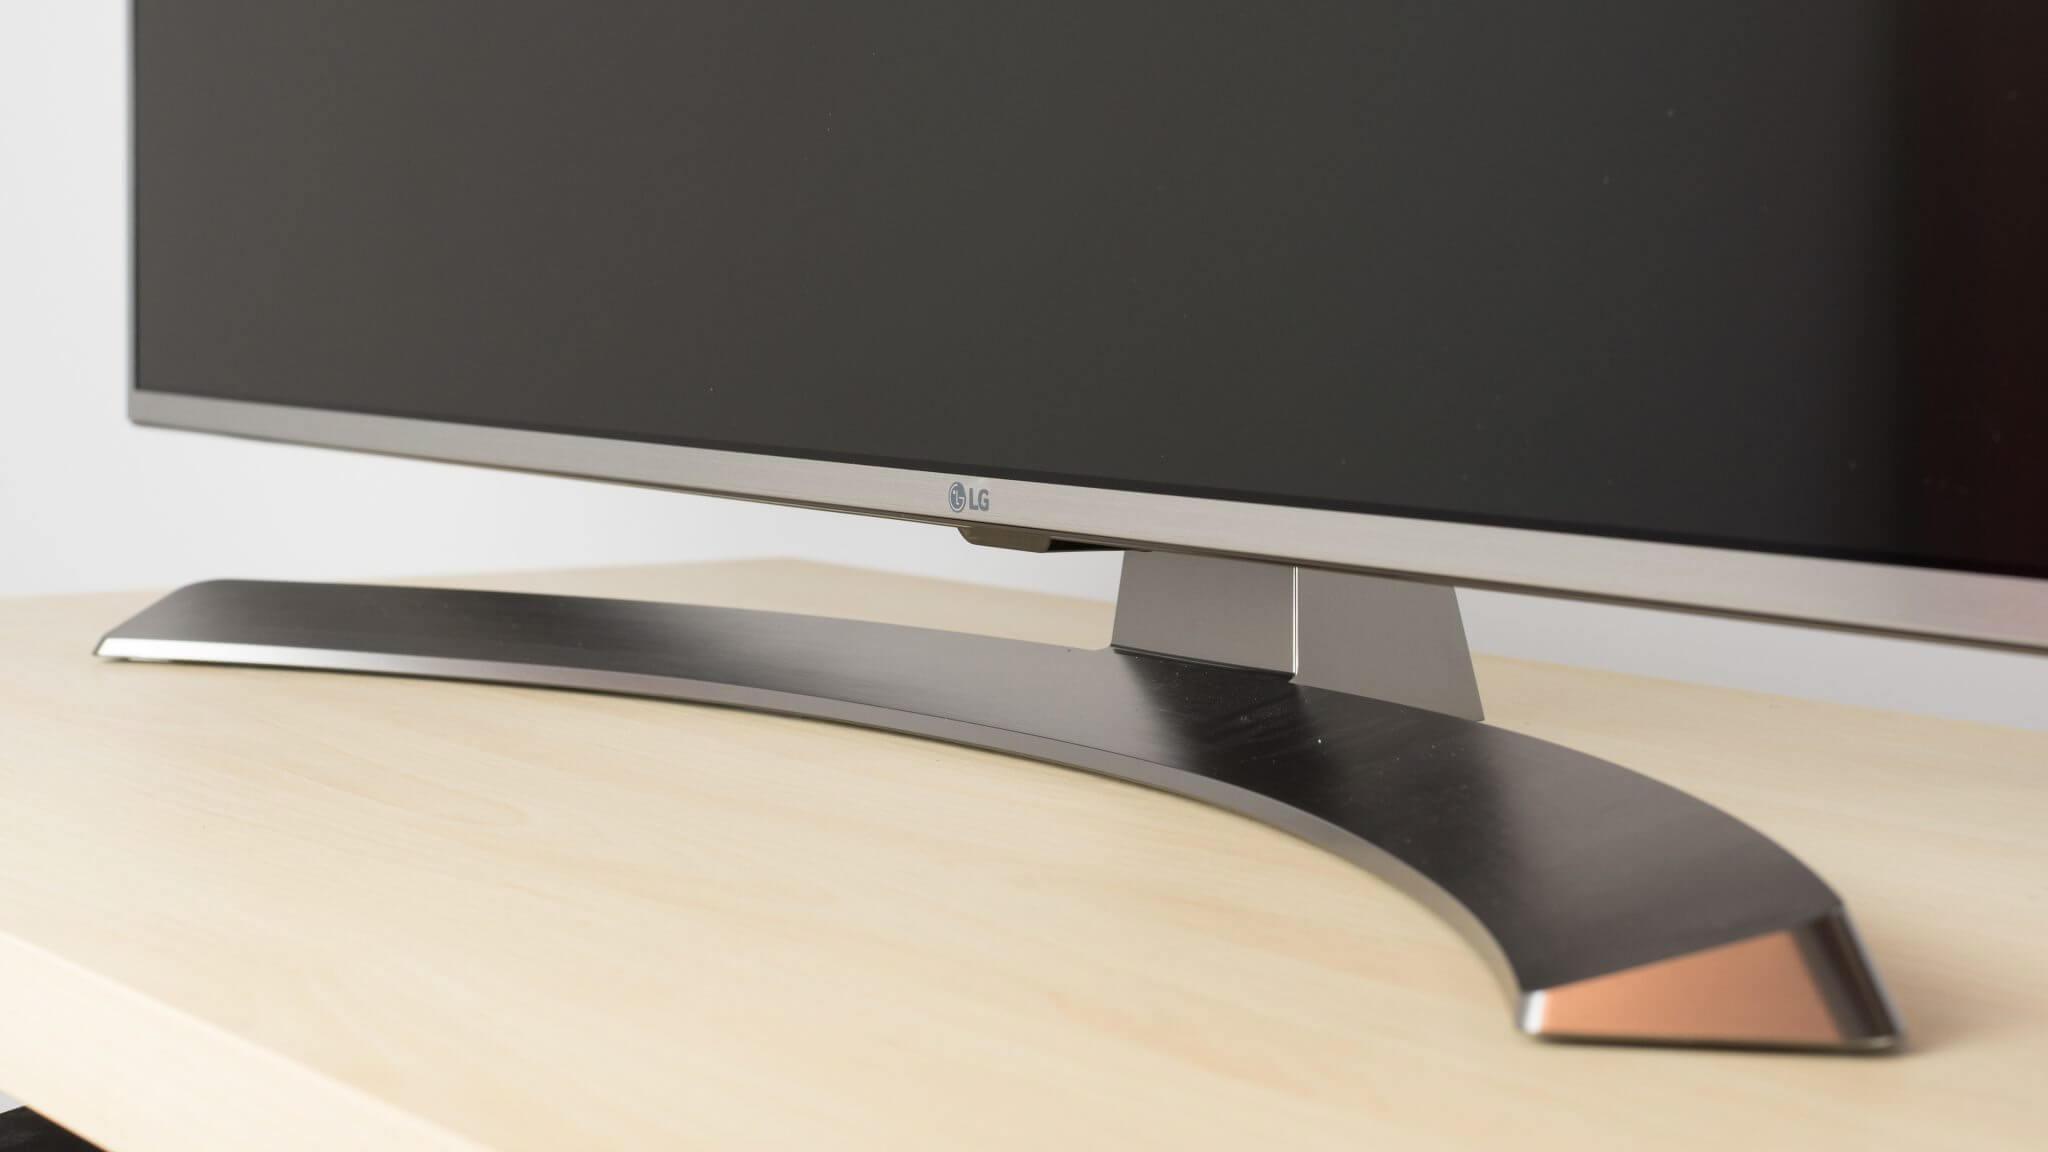 uh7700 stand large - Review: LG SUPER UHD TV 4K (55UH7700) com Pontos Quânticos e som Harman/Kardon